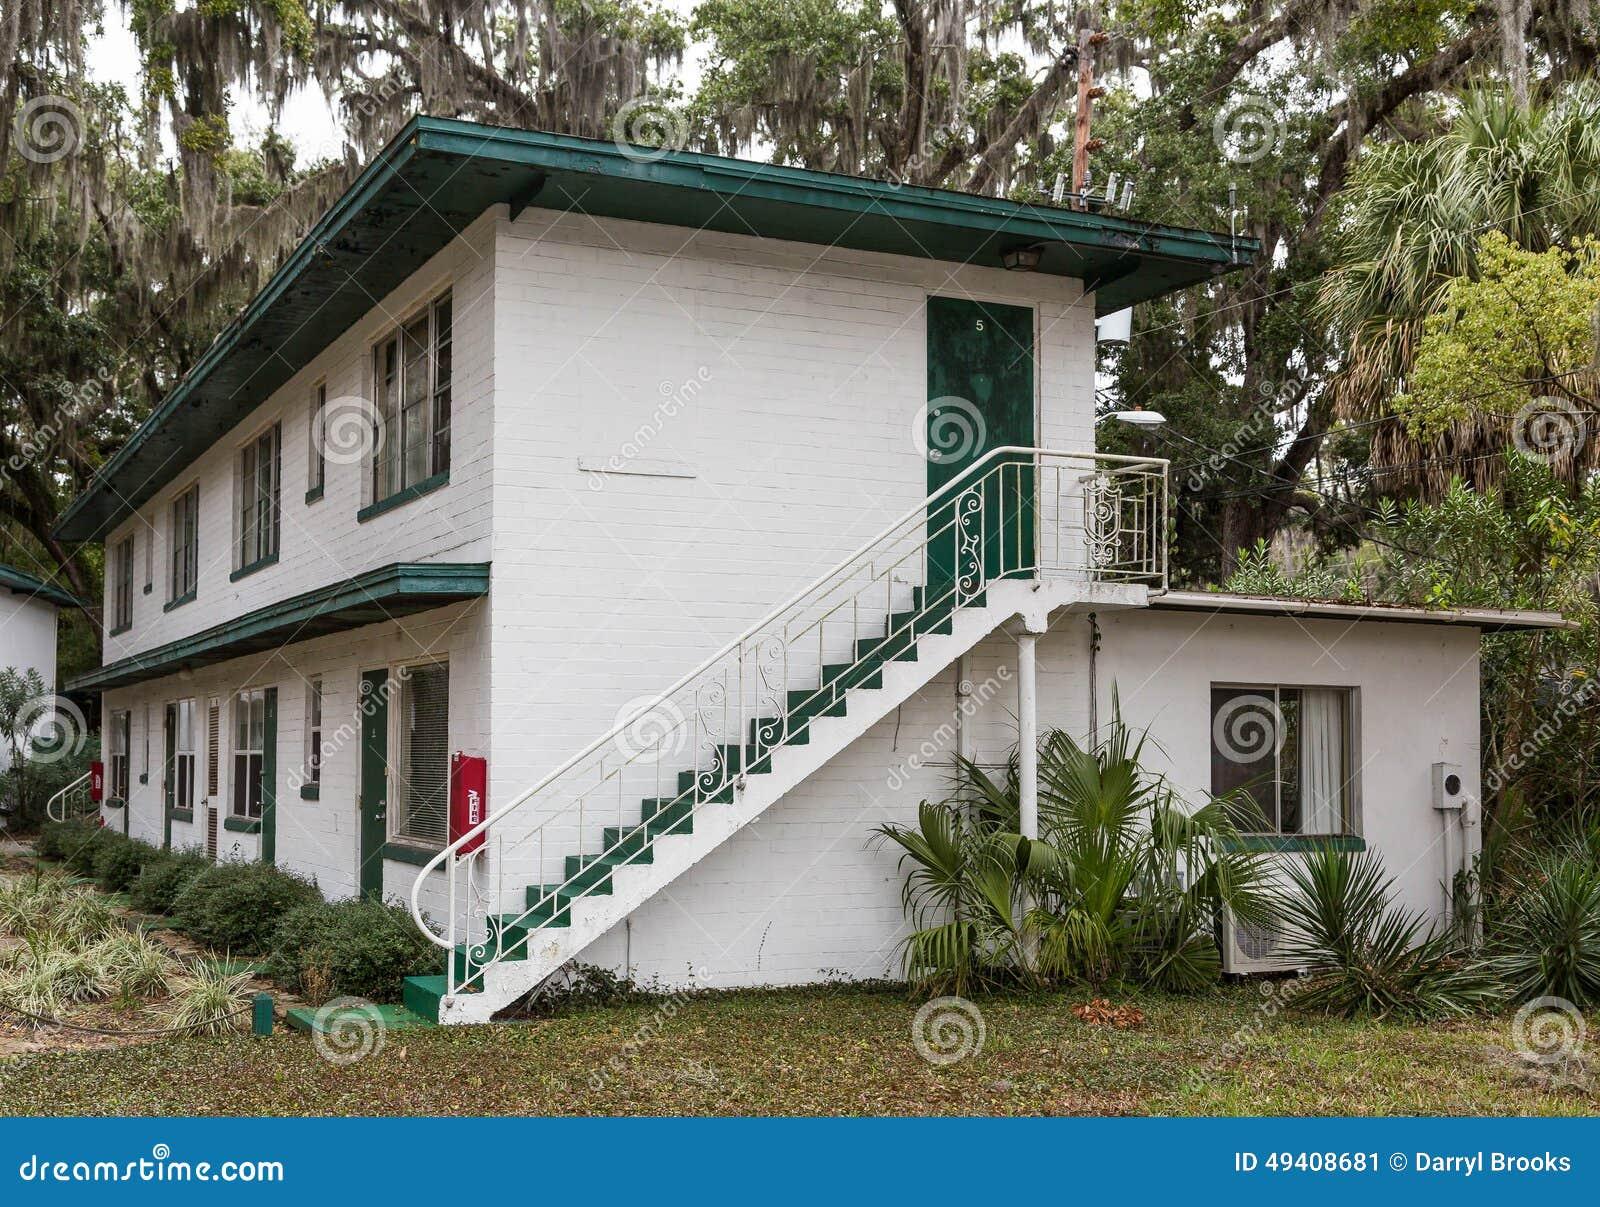 Download Schritte Auf Altem Verlassenem Hotel Stockbild - Bild von eichen, gebäude: 49408681